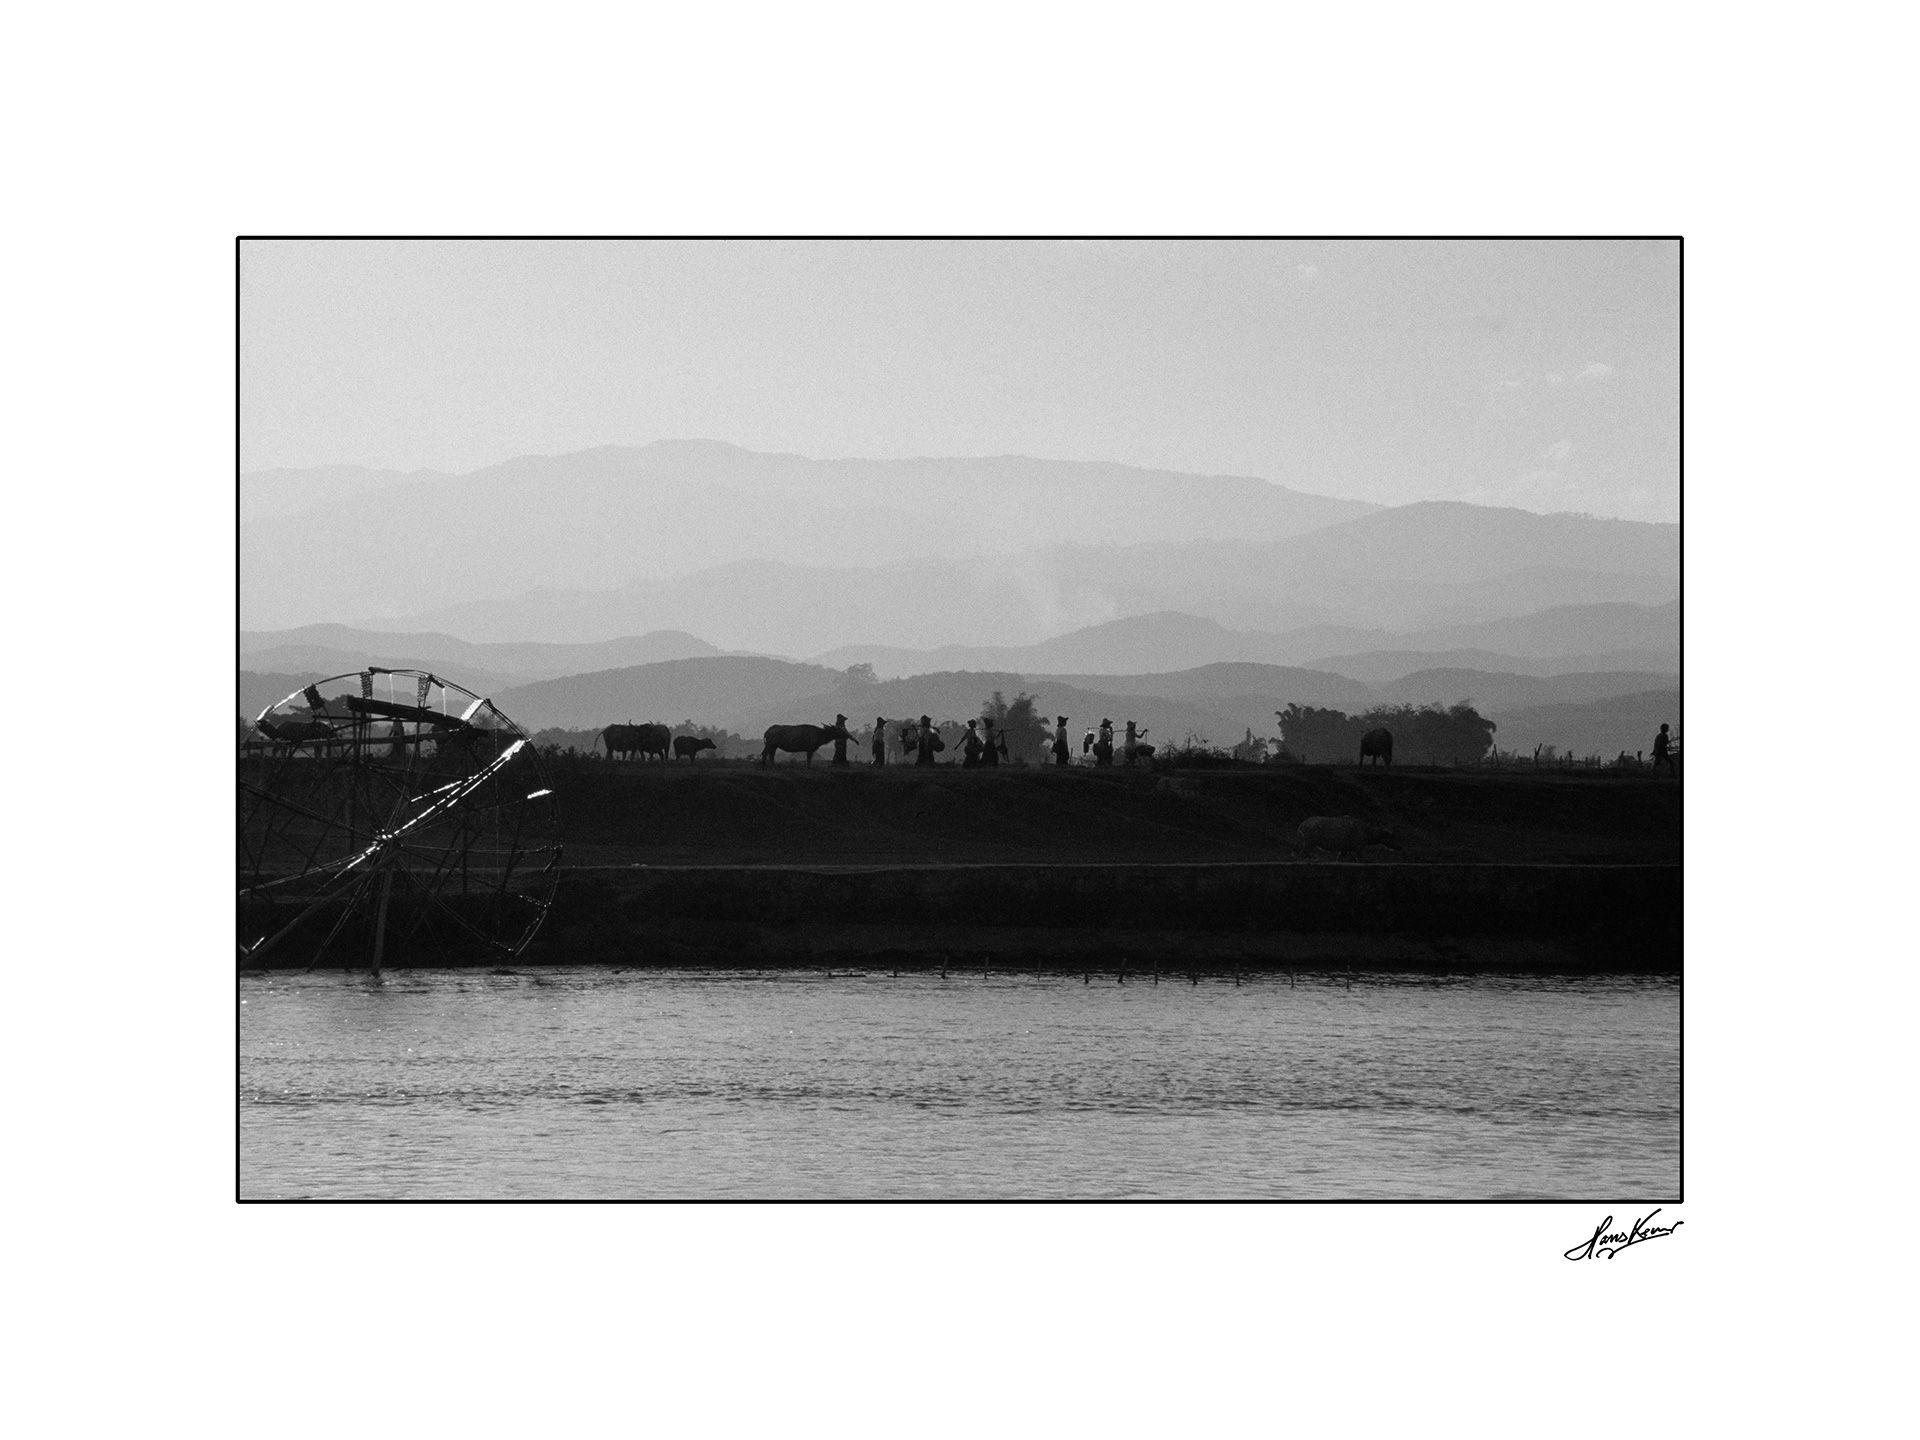 Mekong river, Xishuangbana, China, 1990